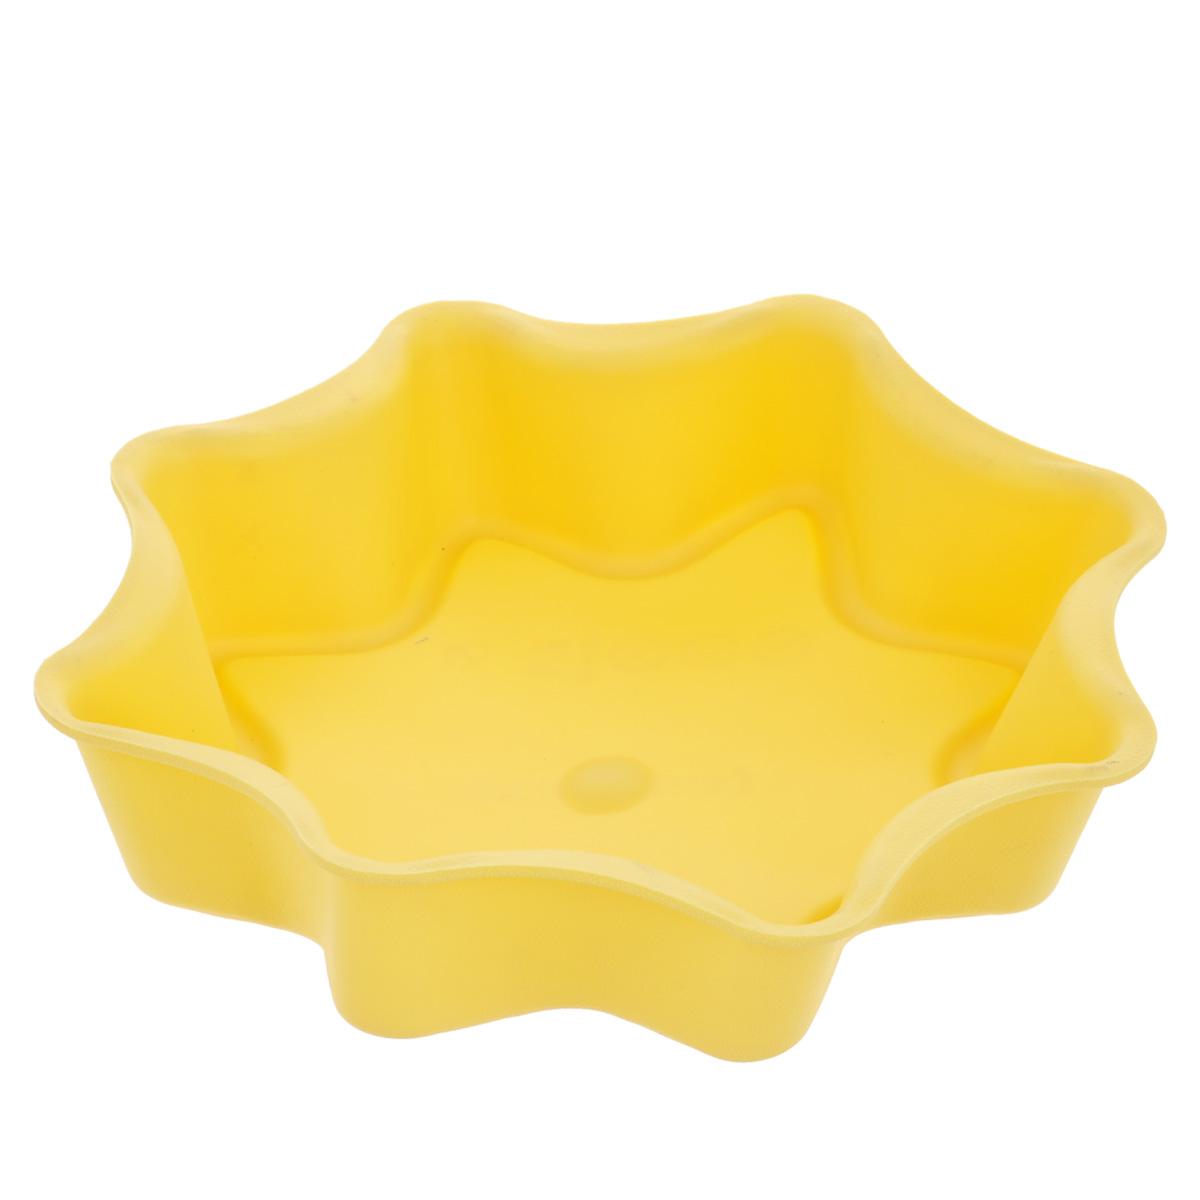 Форма для выпечки Tescoma Delicia Silicone, цвет: желтый, диаметр 28 см629274Форма Tescoma Delicia Silicone, выполненная в виде восьмиконечной звезды, будет отличным выбором для всех любителей выпечки. Благодаря тому, что форма изготовлена из силикона, готовую выпечку вынимать легко и просто. Форма прекрасно подходит для выпечки пирогов, тортов и других десертов. С такой формой вы всегда сможете порадовать своих близких оригинальной выпечкой. Материал изделия устойчив к фруктовым кислотам, может быть использован в духовках, микроволновых печах, холодильниках и морозильных камерах (выдерживает температуру от -40°C до 230°C). Антипригарные свойства материала позволяют готовить без использования масла. Можно мыть и сушить в посудомоечной машине. При работе с формой используйте кухонный инструмент из силикона - кисти, лопатки, скребки. Не ставьте форму на электрическую конфорку. Не разрезайте выпечку прямо в форме.